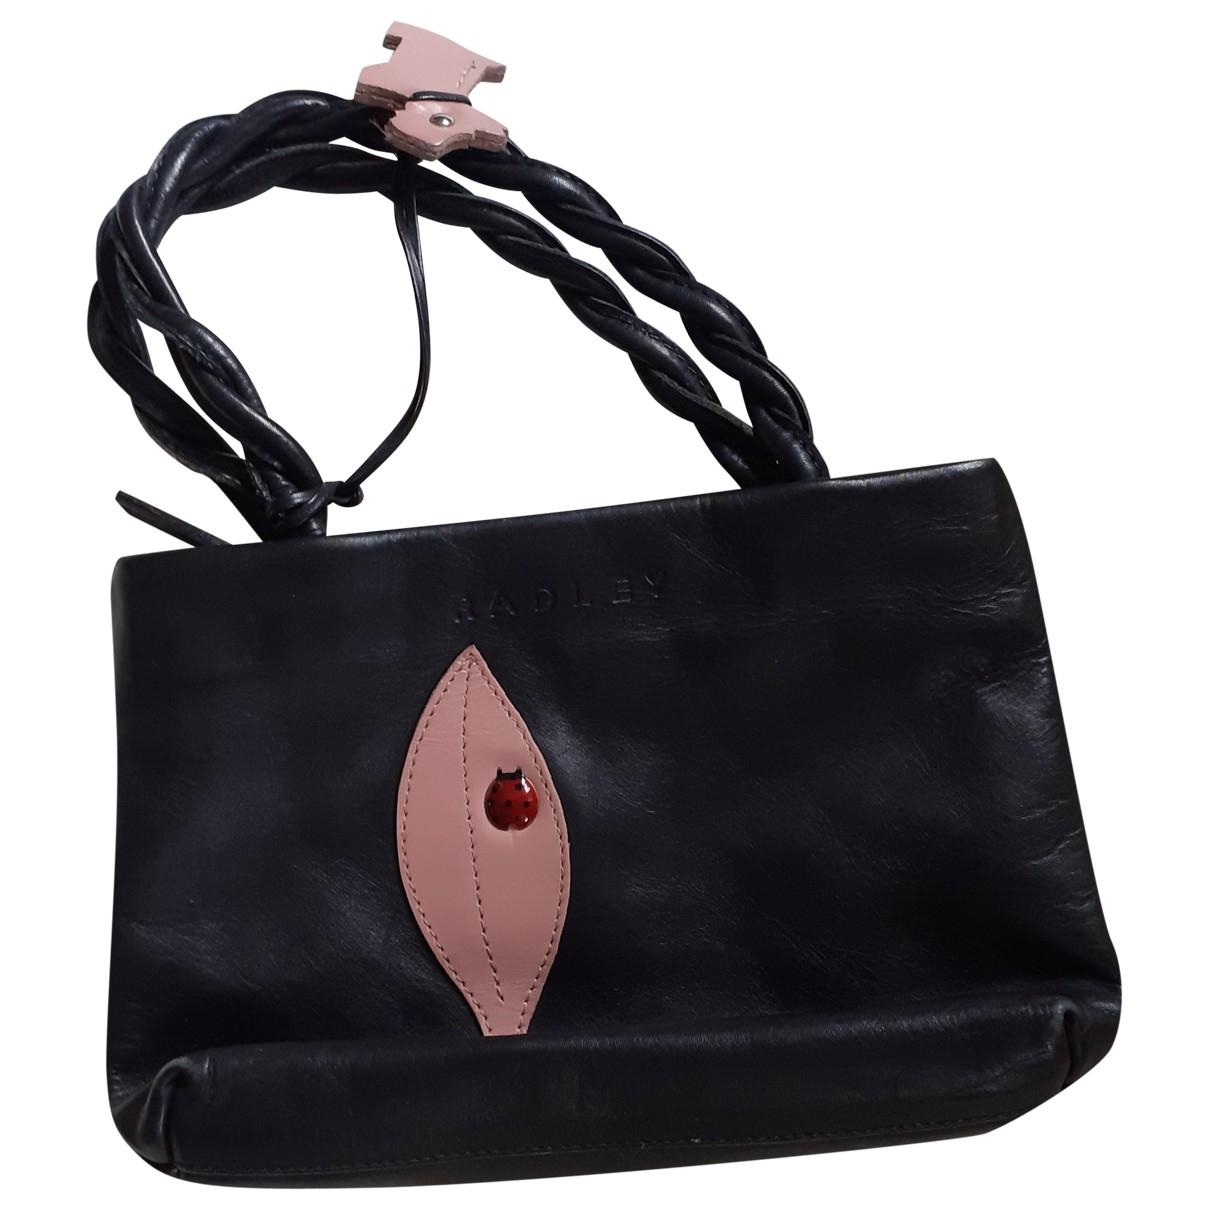 Radley London - Sac a main   pour femme en cuir - noir